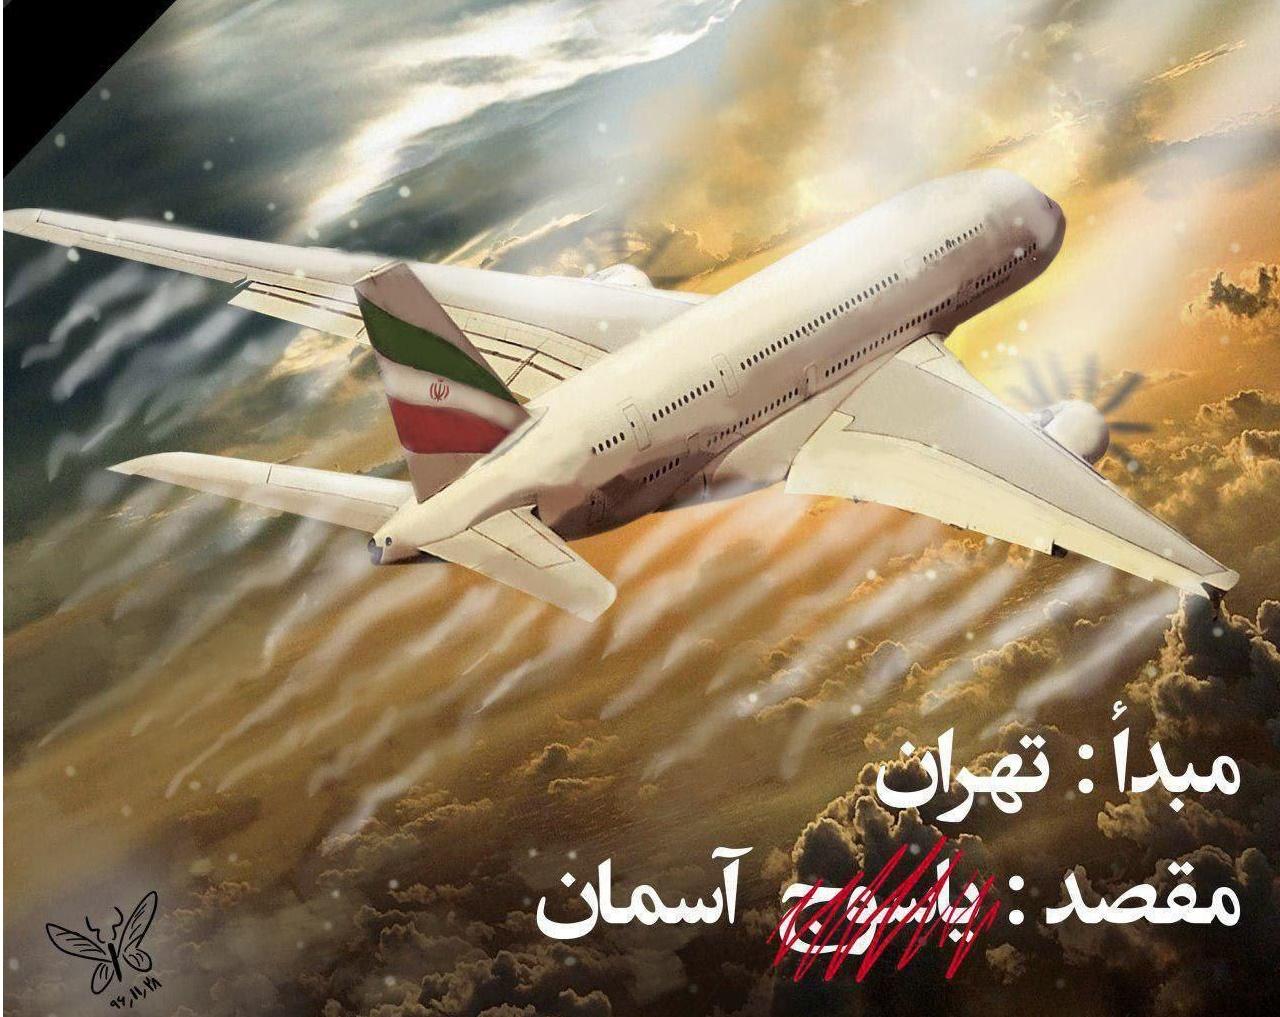 دانلود فیلم سقوط هواپیمای دنا آسمان